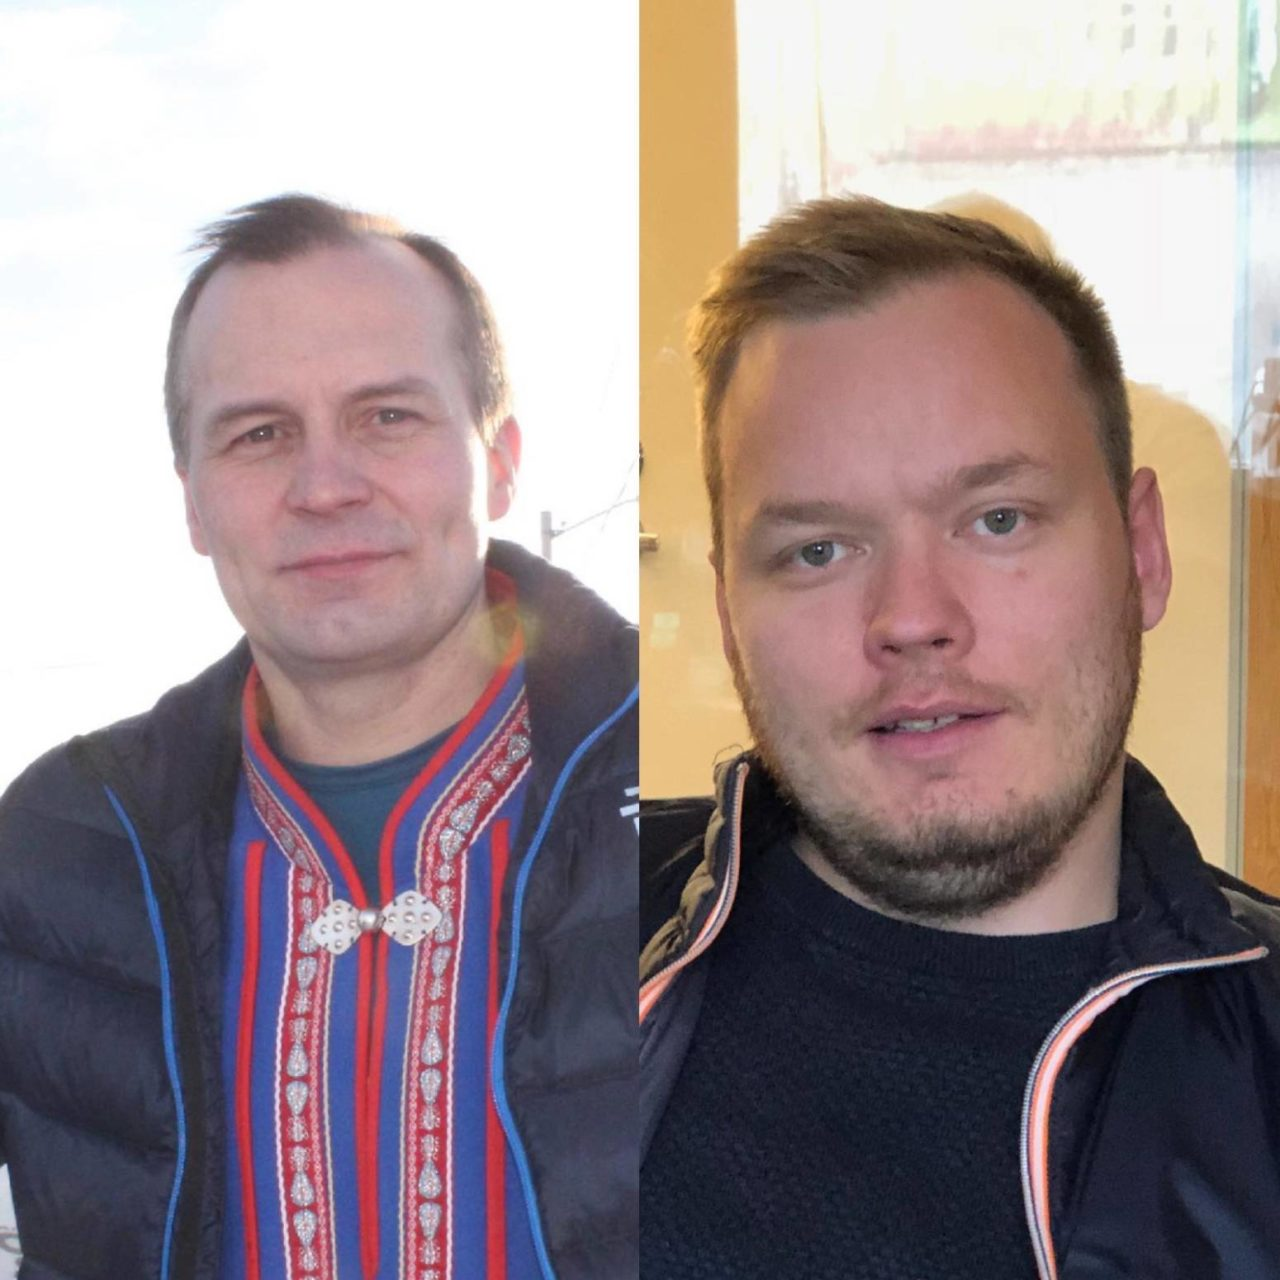 vasara-hætta-collage-squashed-1280x1280.jpg